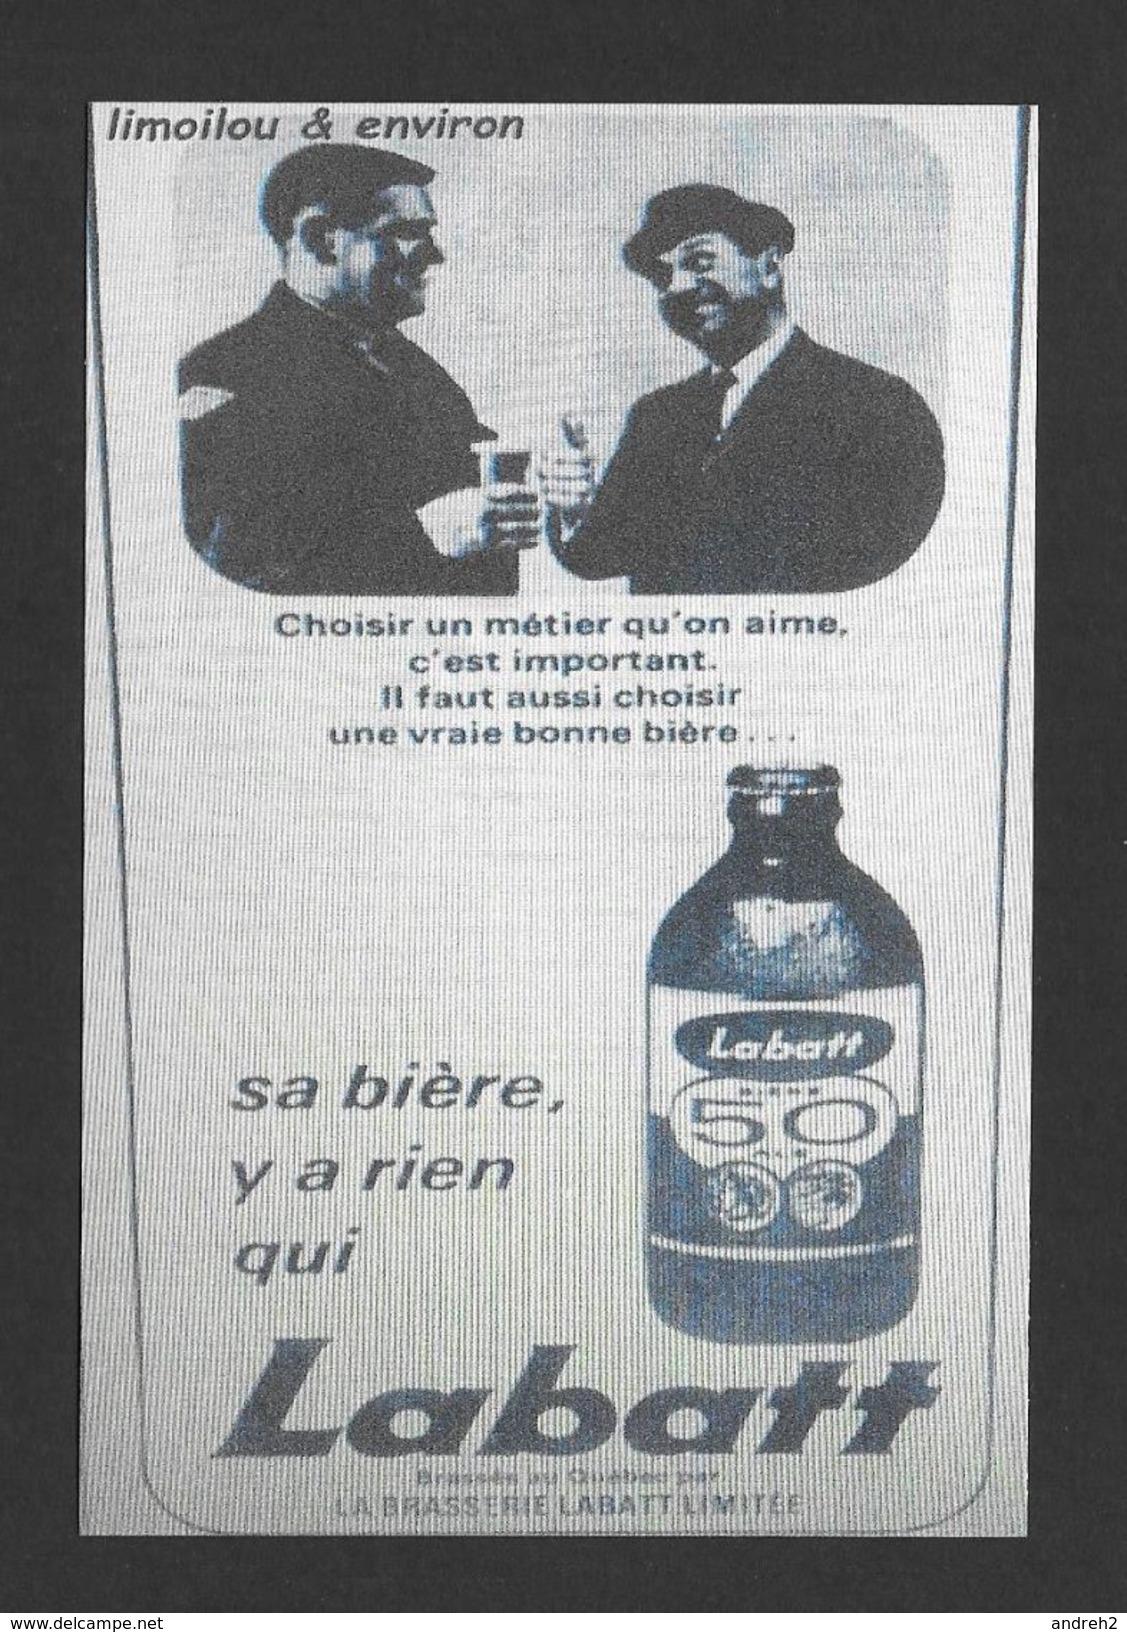 PUBLICITÉ - ADVERTISING - LABATT 50 - OLIVIER GUIMOND LUI Y CONNAIS ÇA - SA BIÈRE Y A RIEN QUI LABATT - Advertising